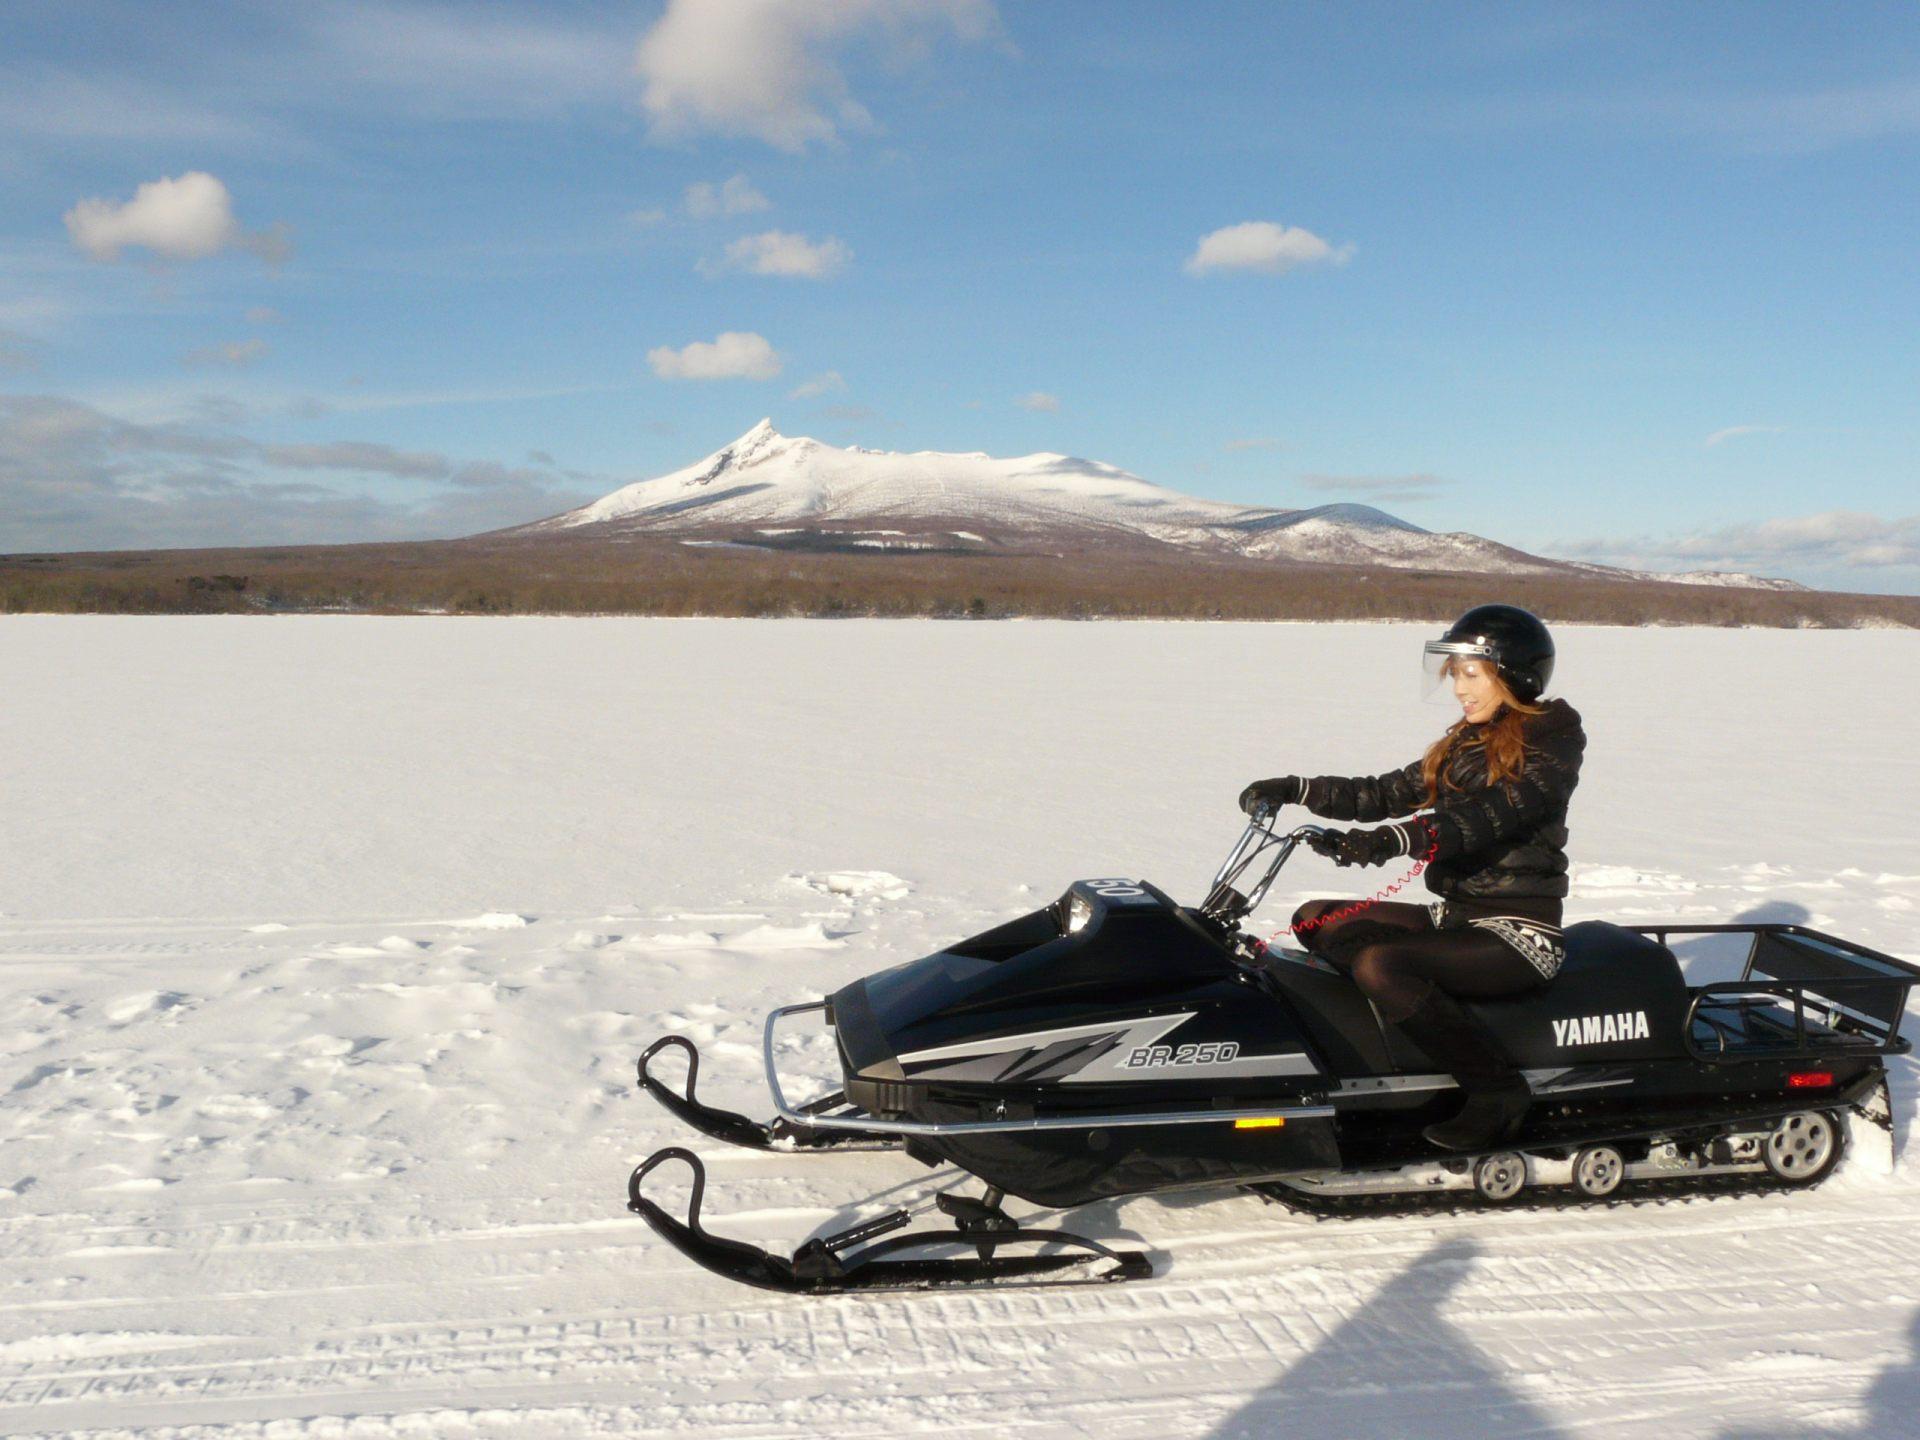 刺激的雪上摩托車